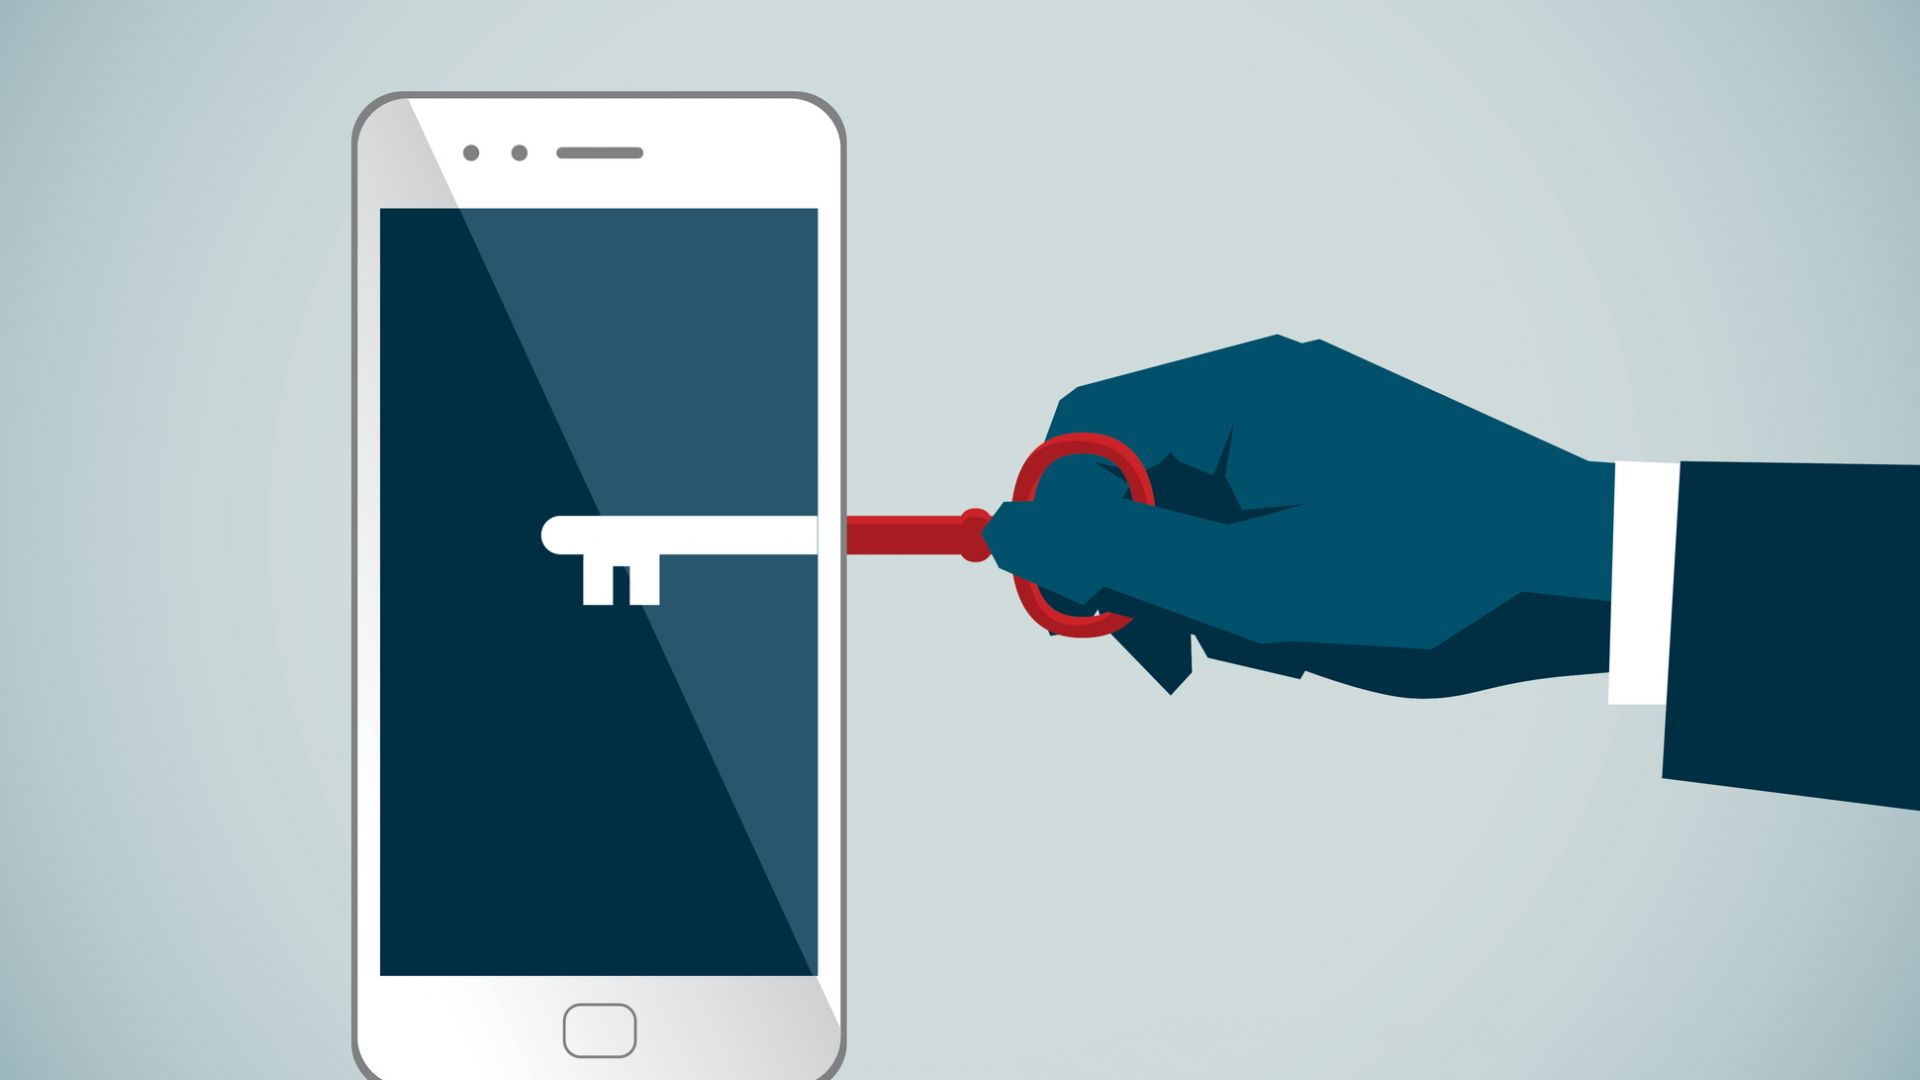 Пароли или биометрични данни? Как правилно да отключваме смартфона си